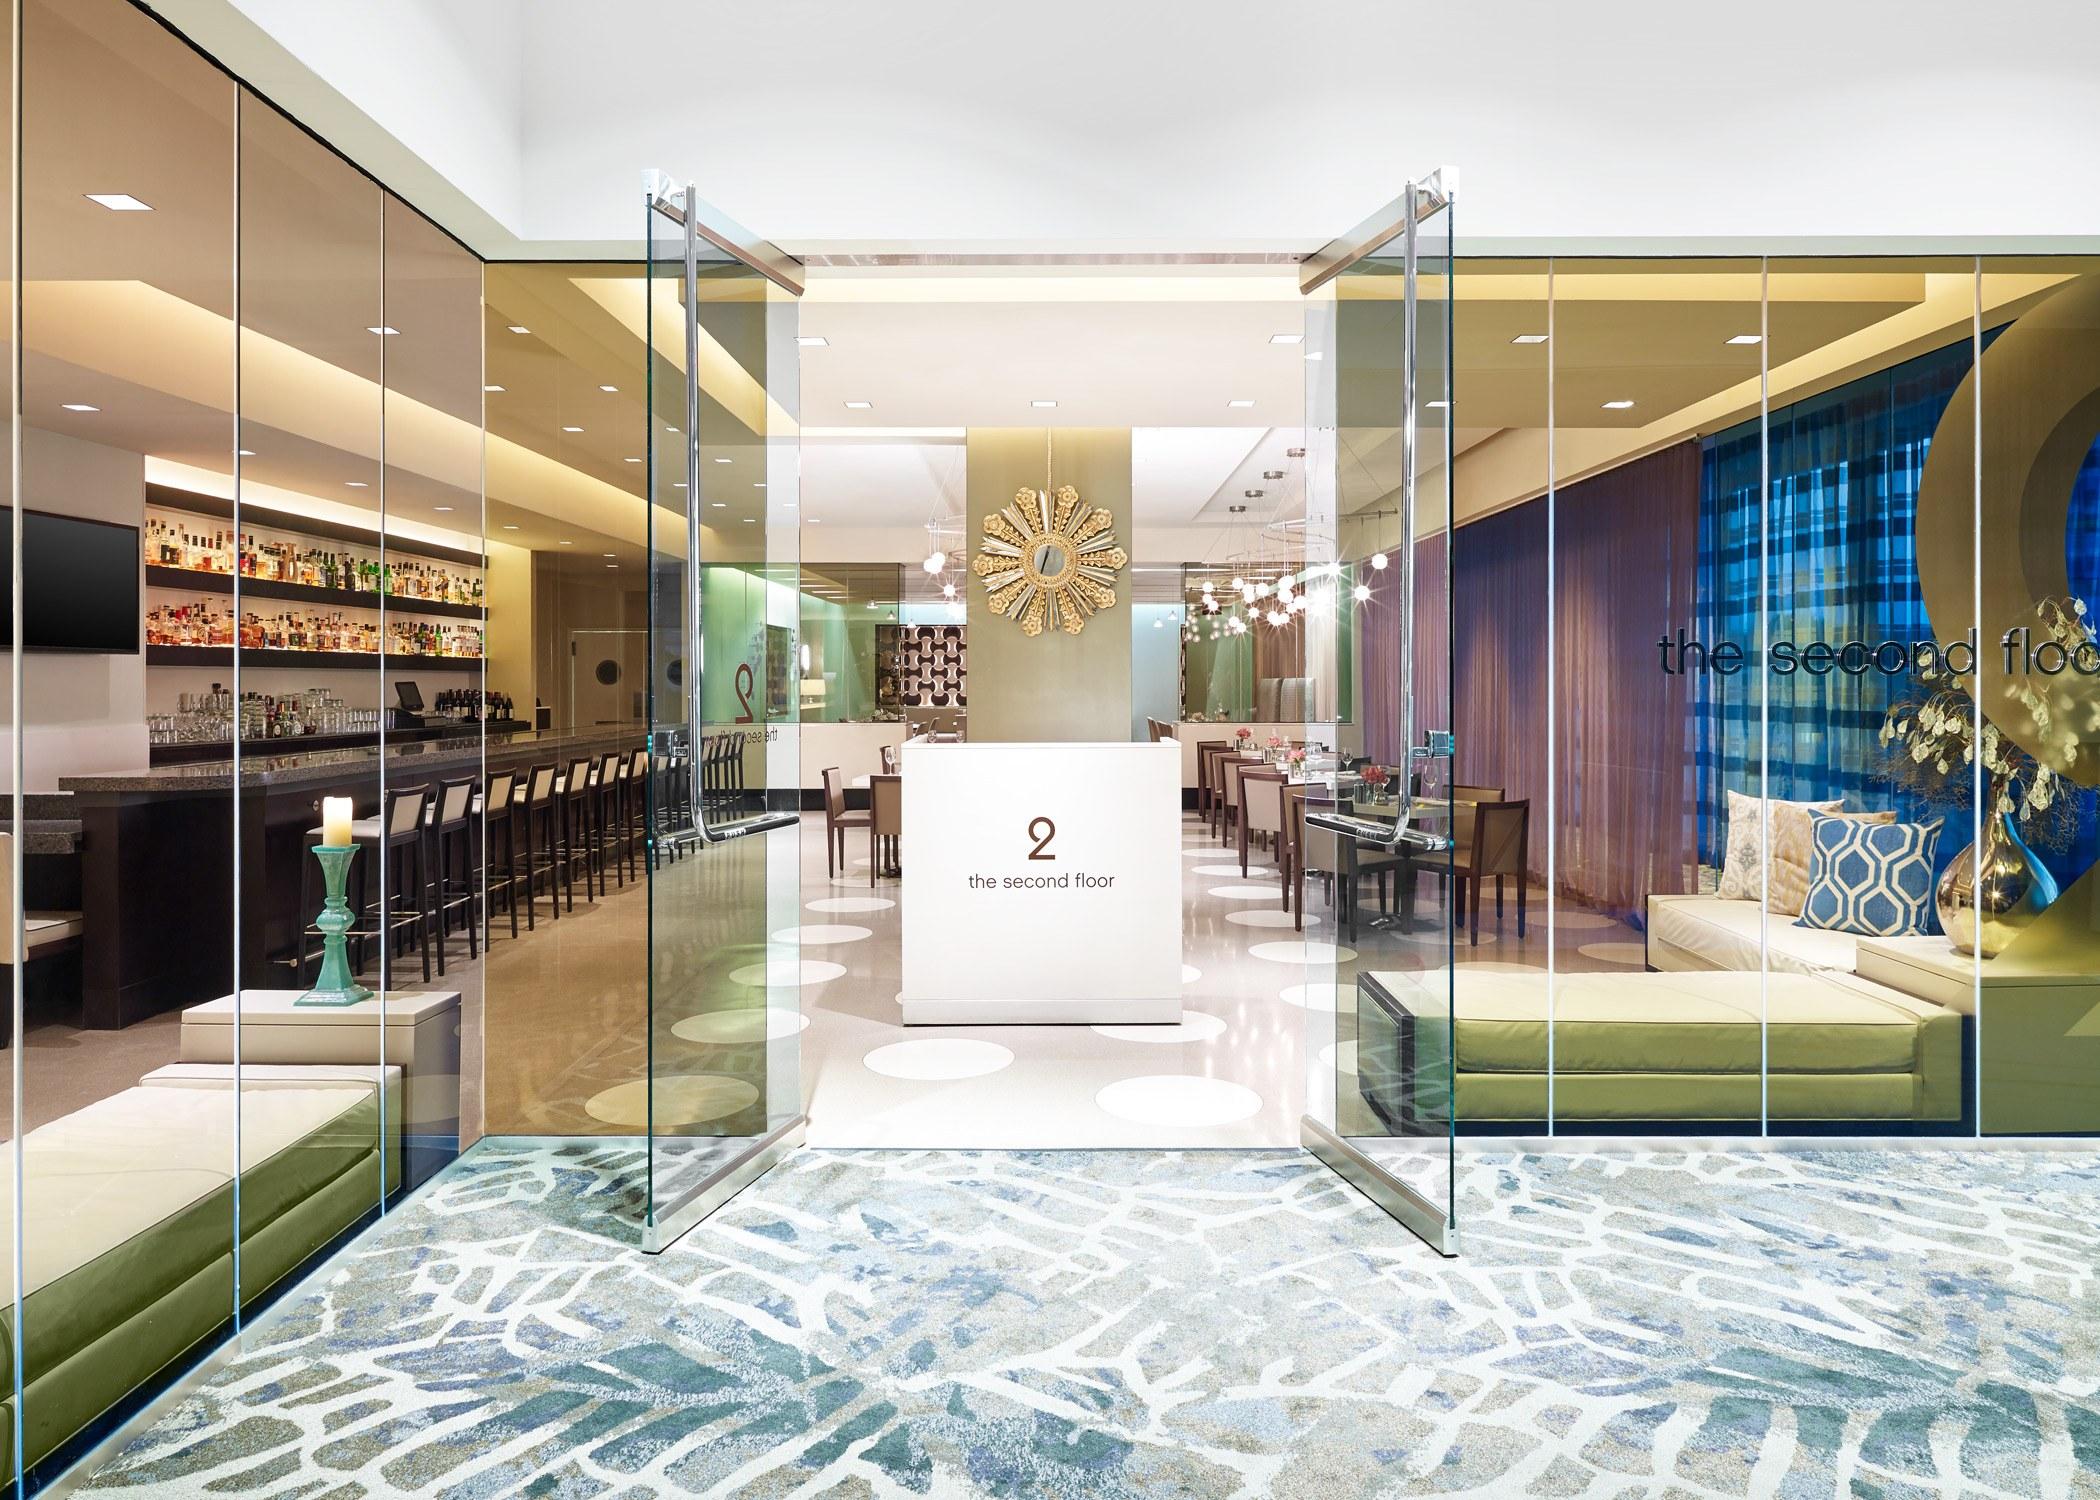 MI-Westin-Second-Floor-Kitchen-Restaurant-in-Dallas-Interior